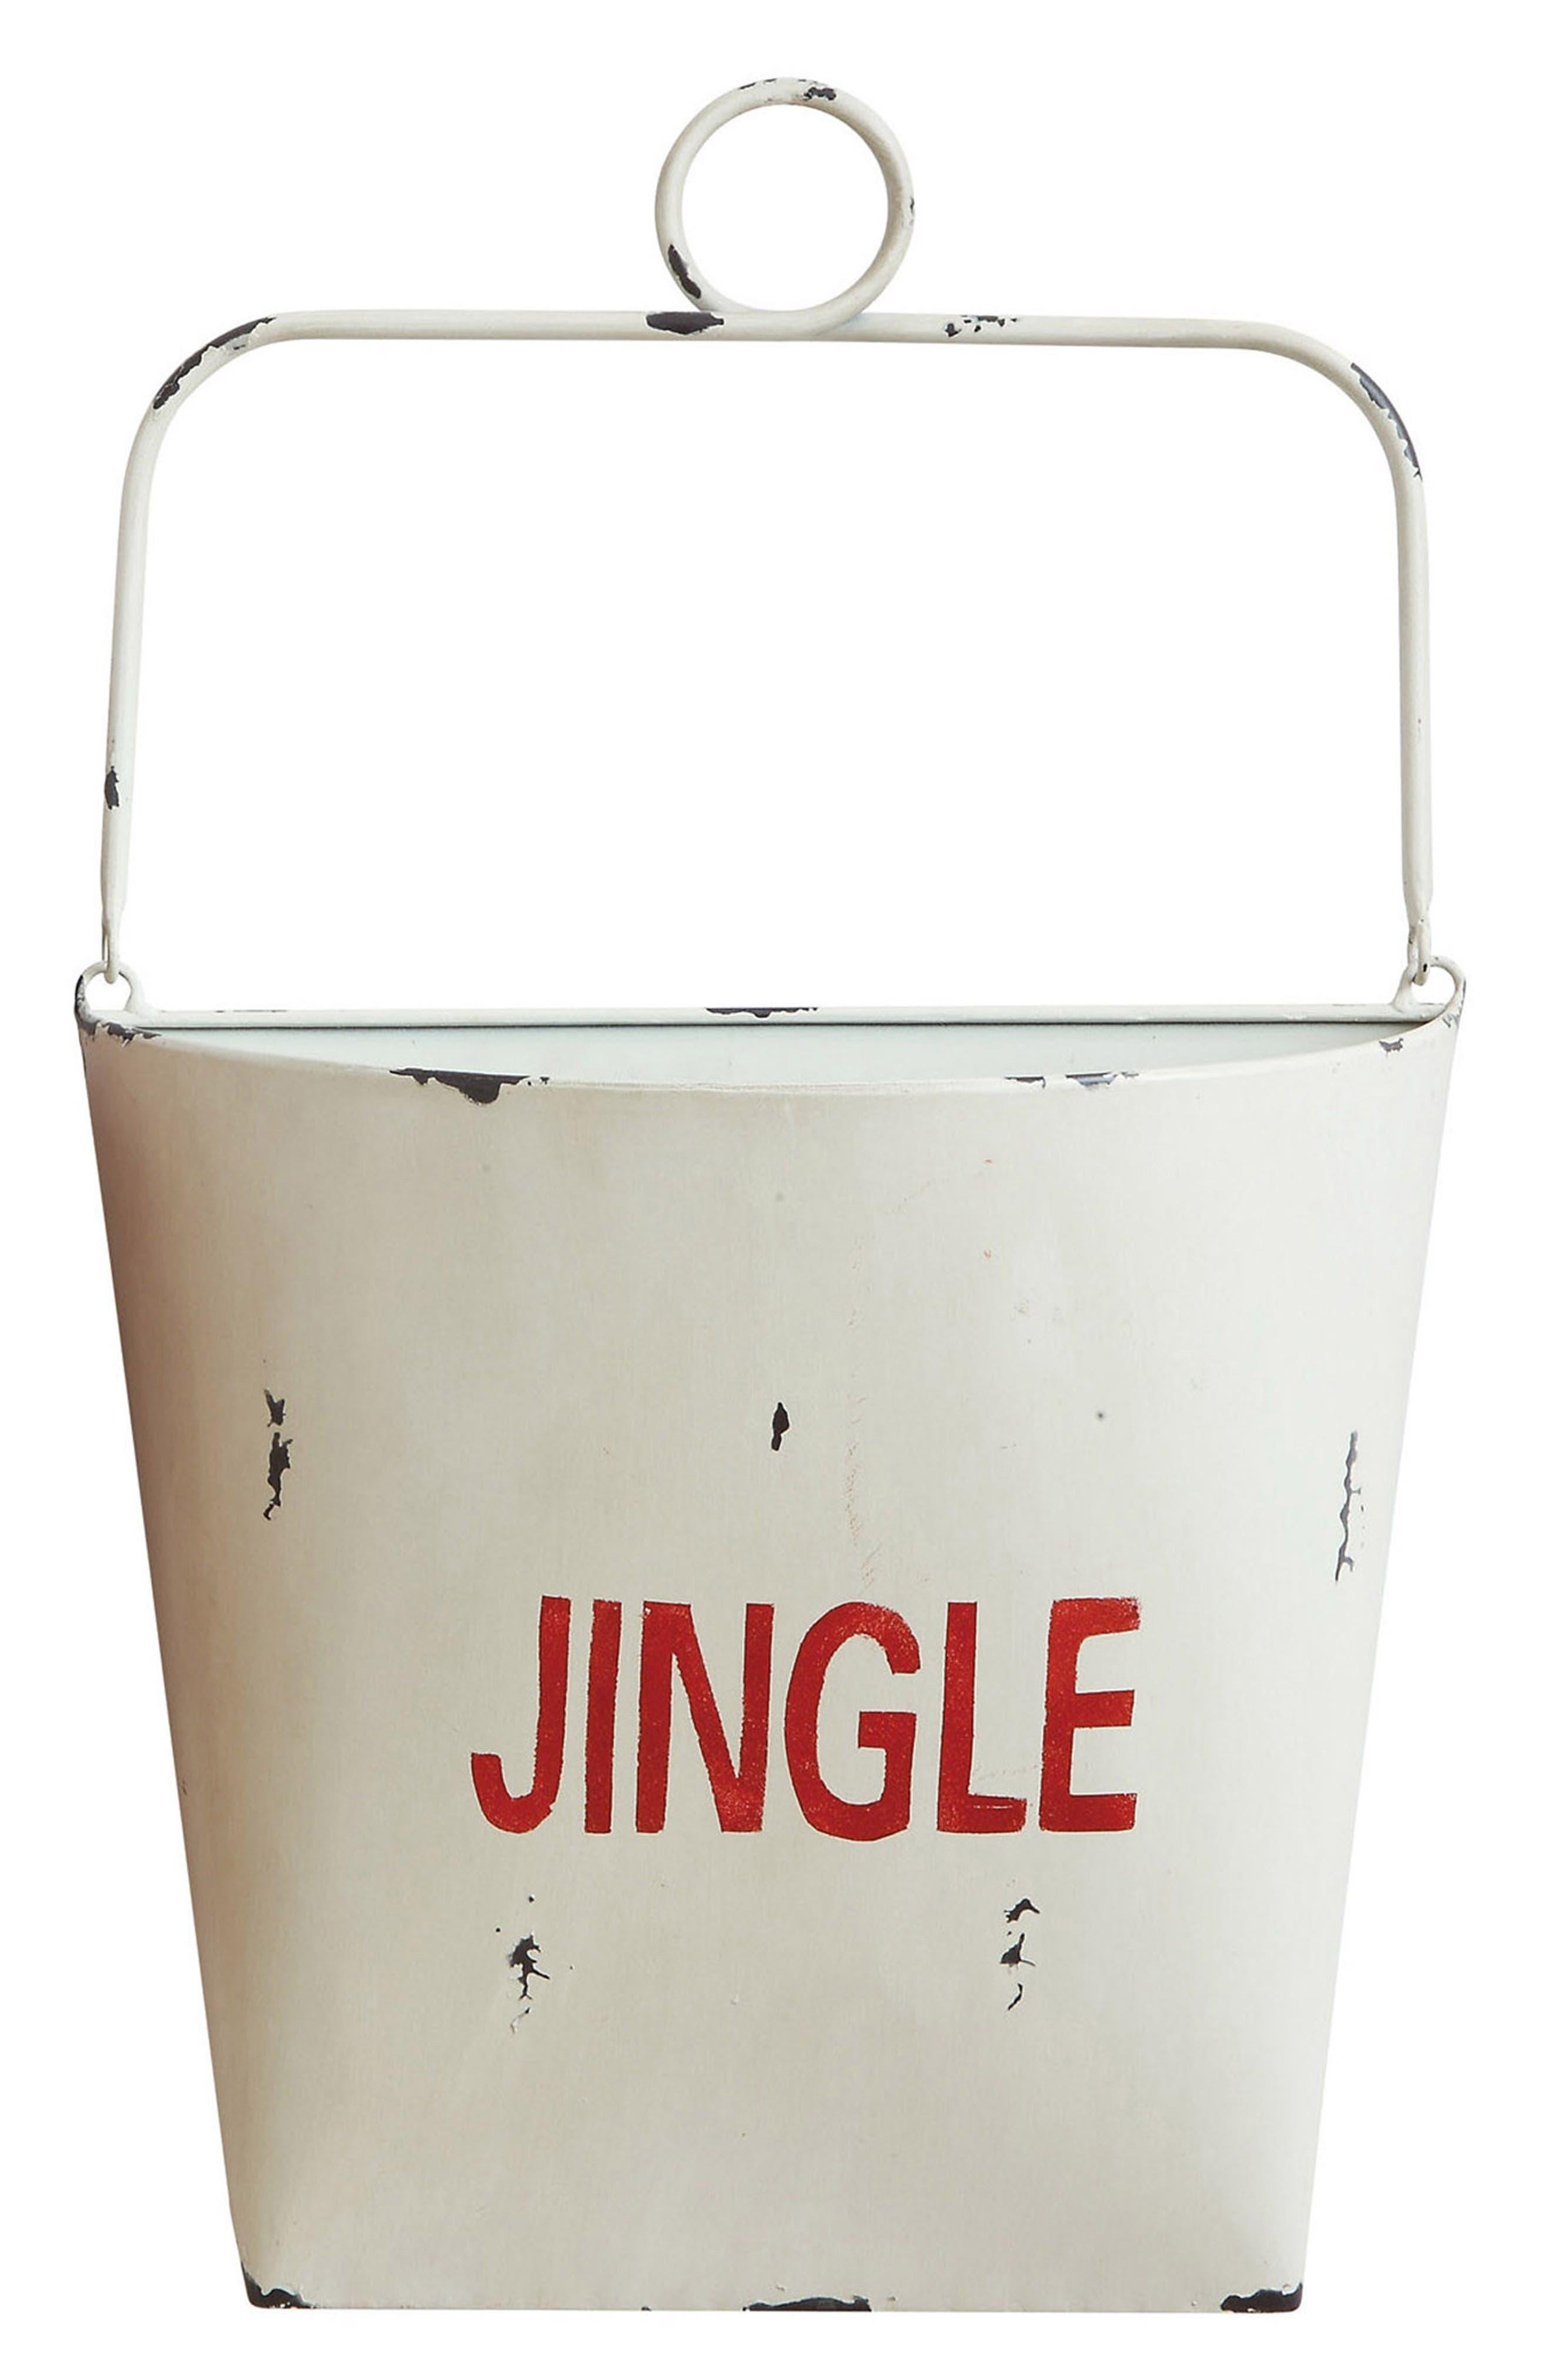 Jingle Bucket,                             Main thumbnail 1, color,                             White